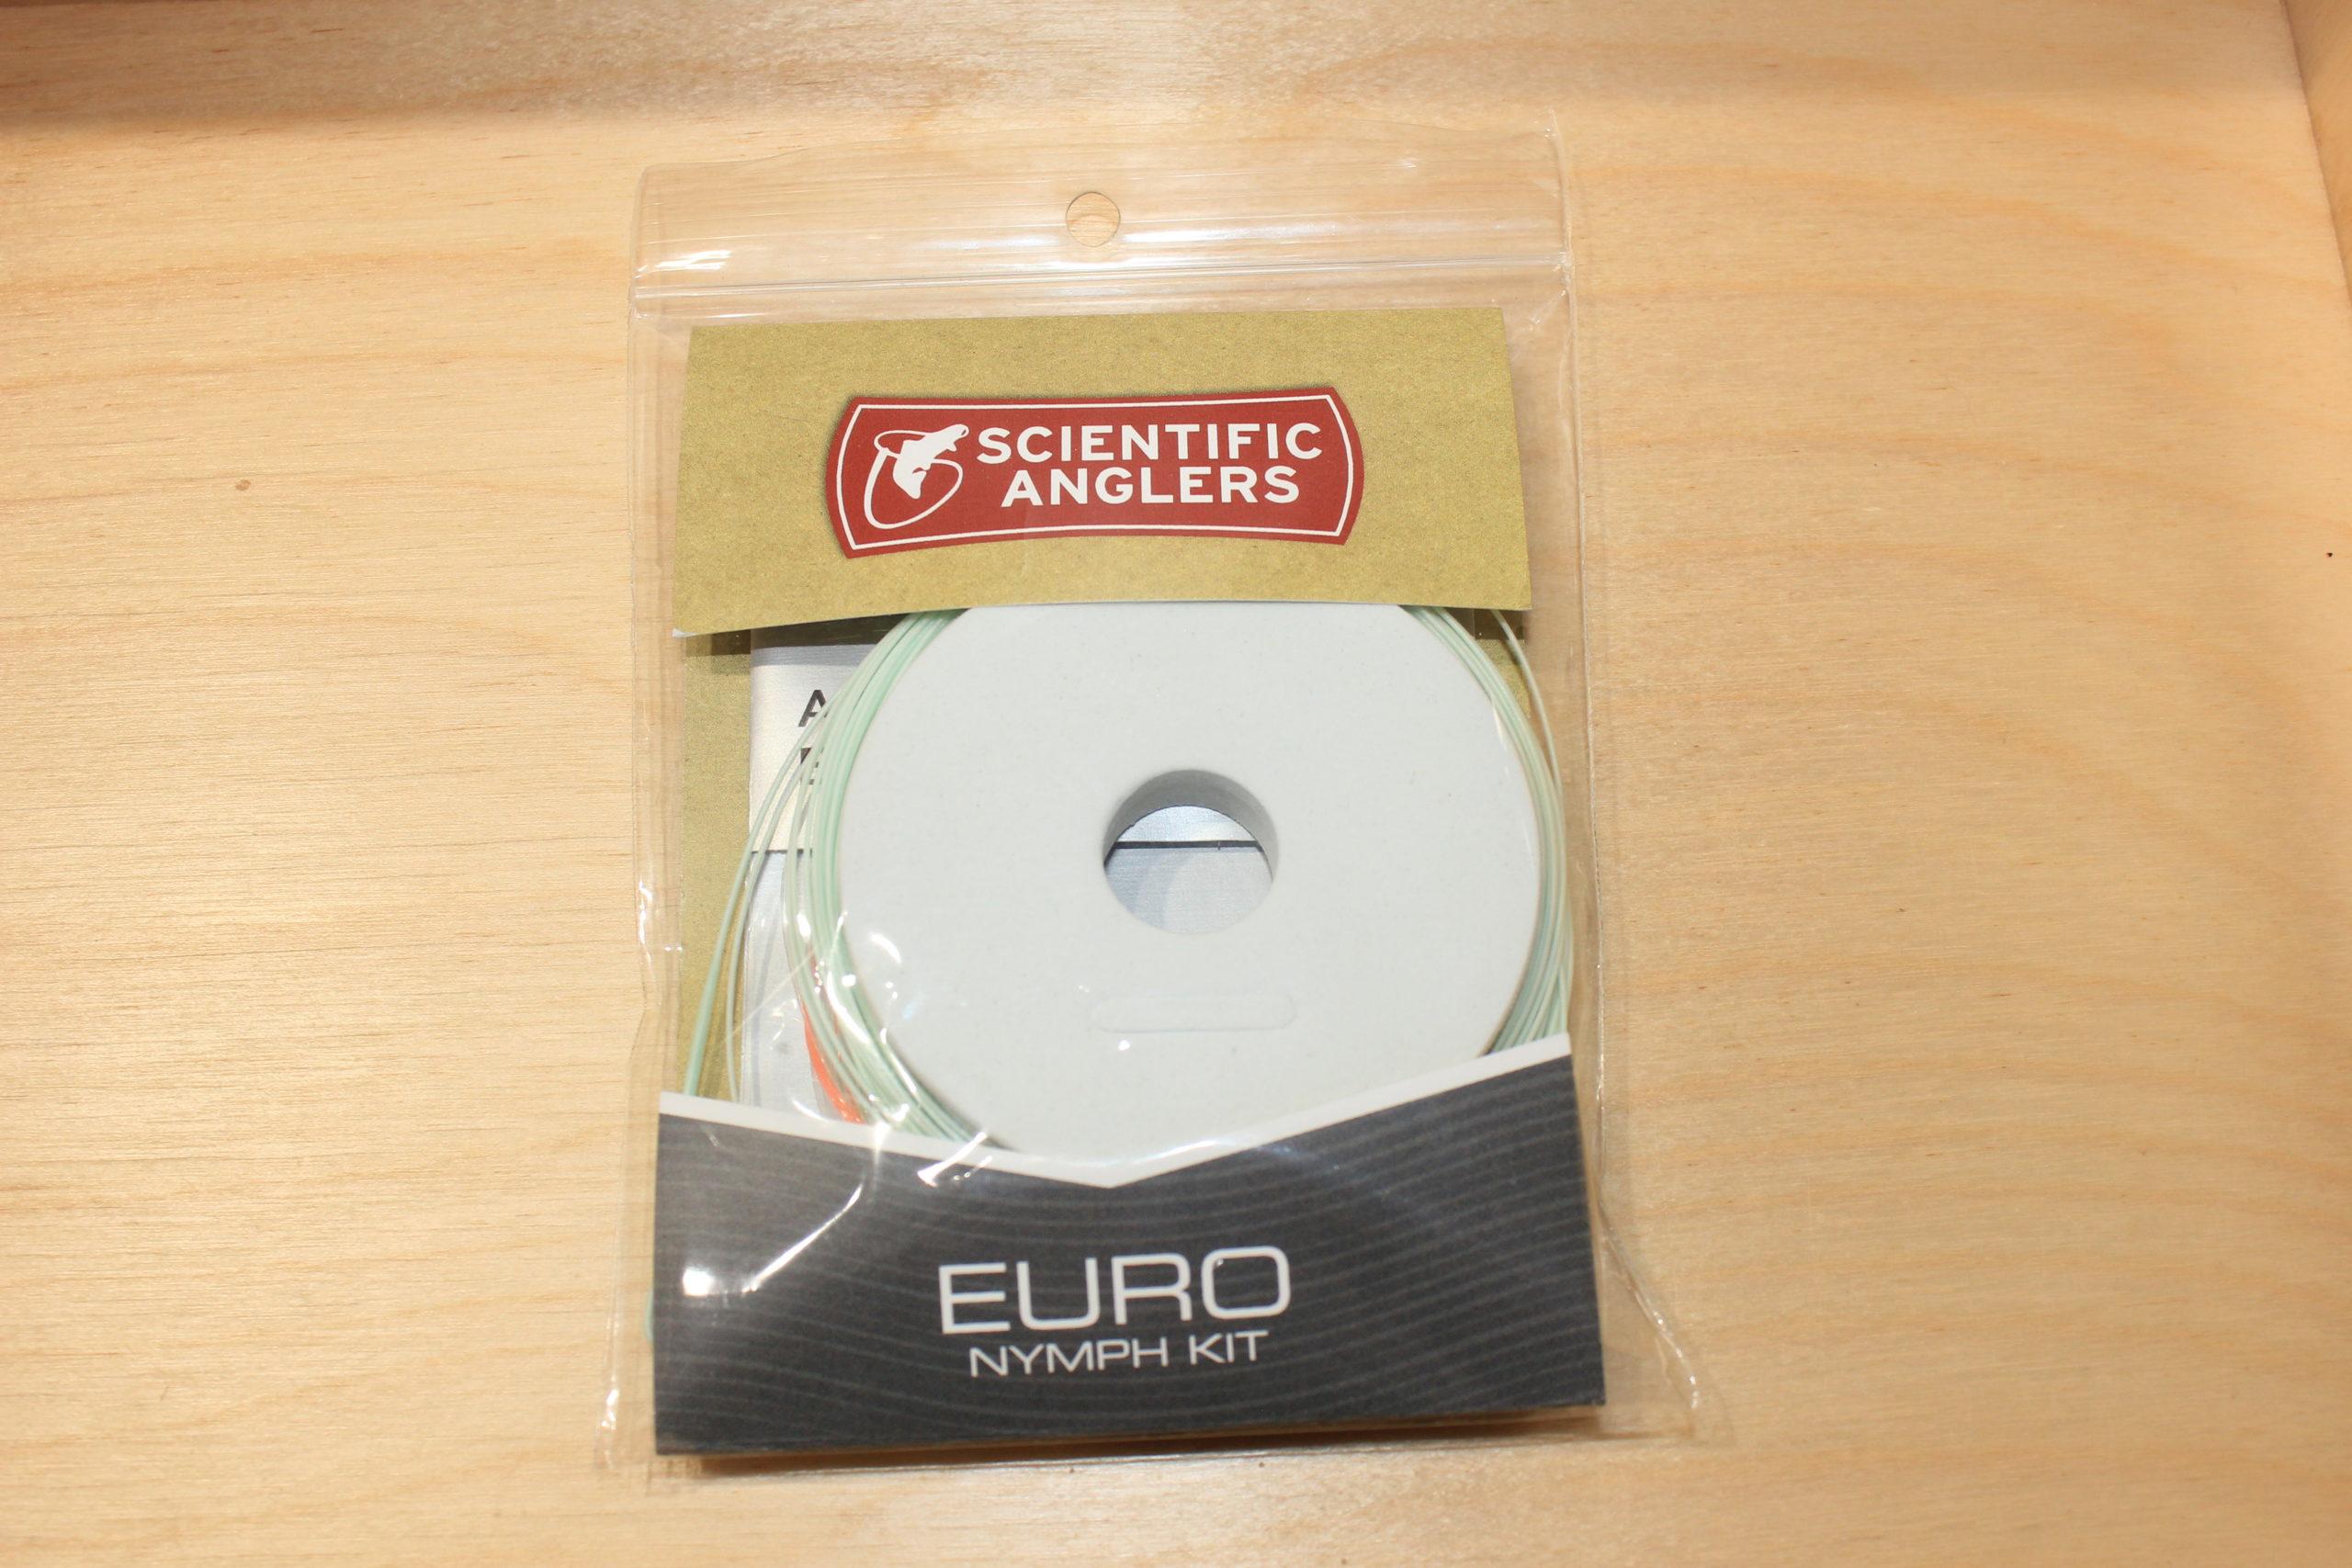 s/a euro nymph kit